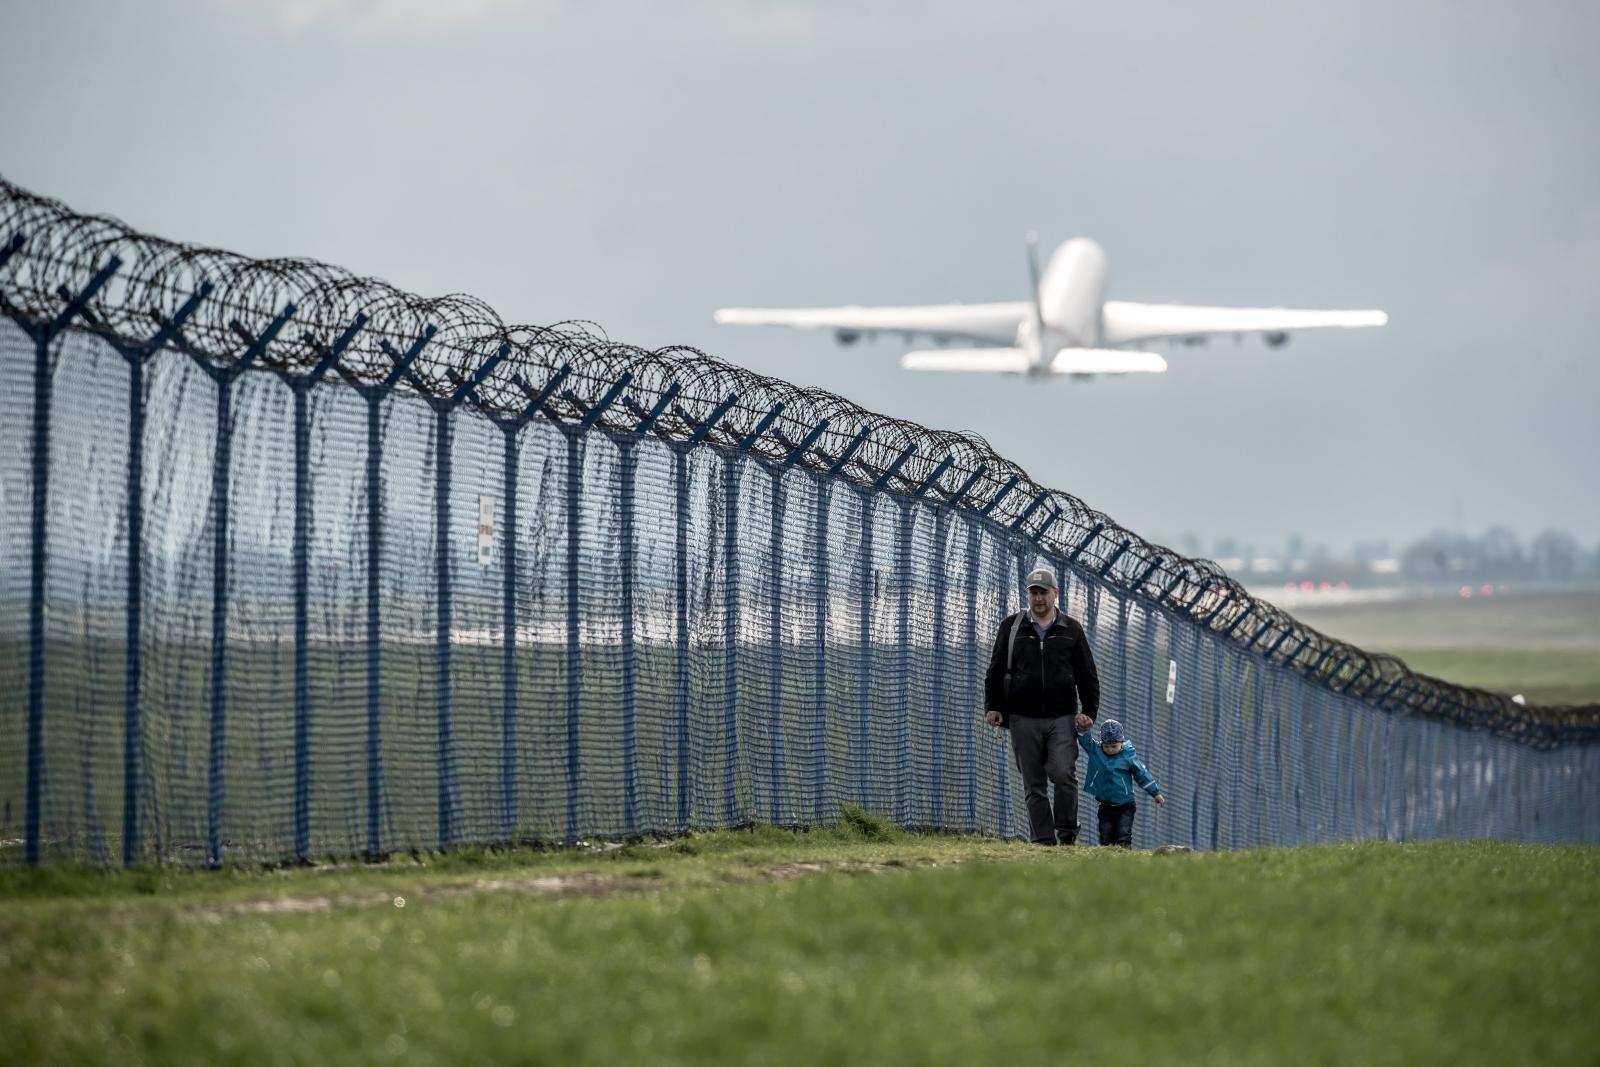 Chłopiec z synkiem przechadzają się obok lotniska im. Vaclava Havla, Praga, Czechy.